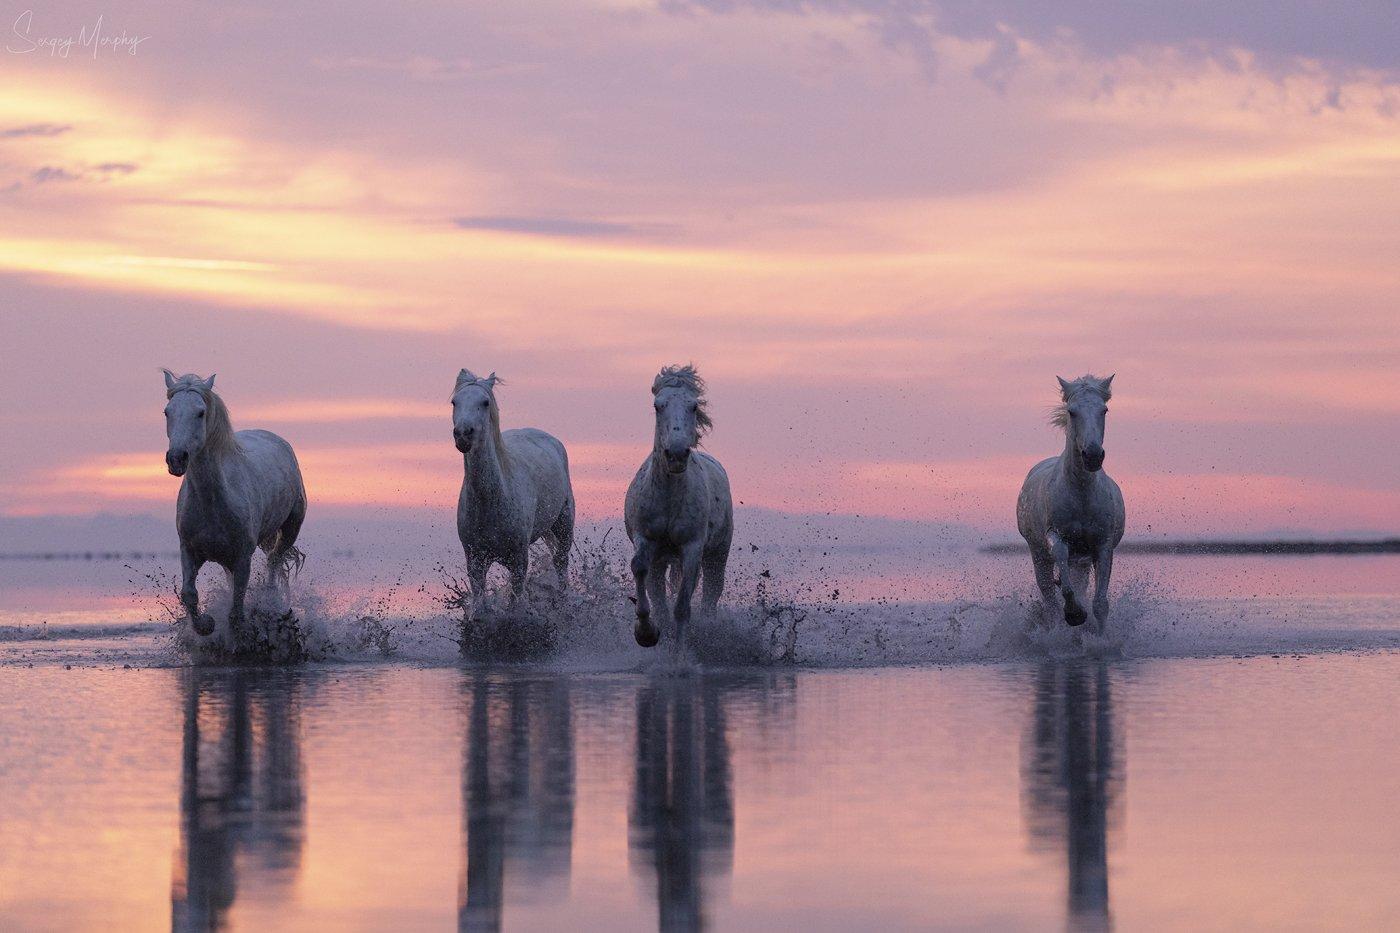 camargue horses sunrise, Merphy Sergey